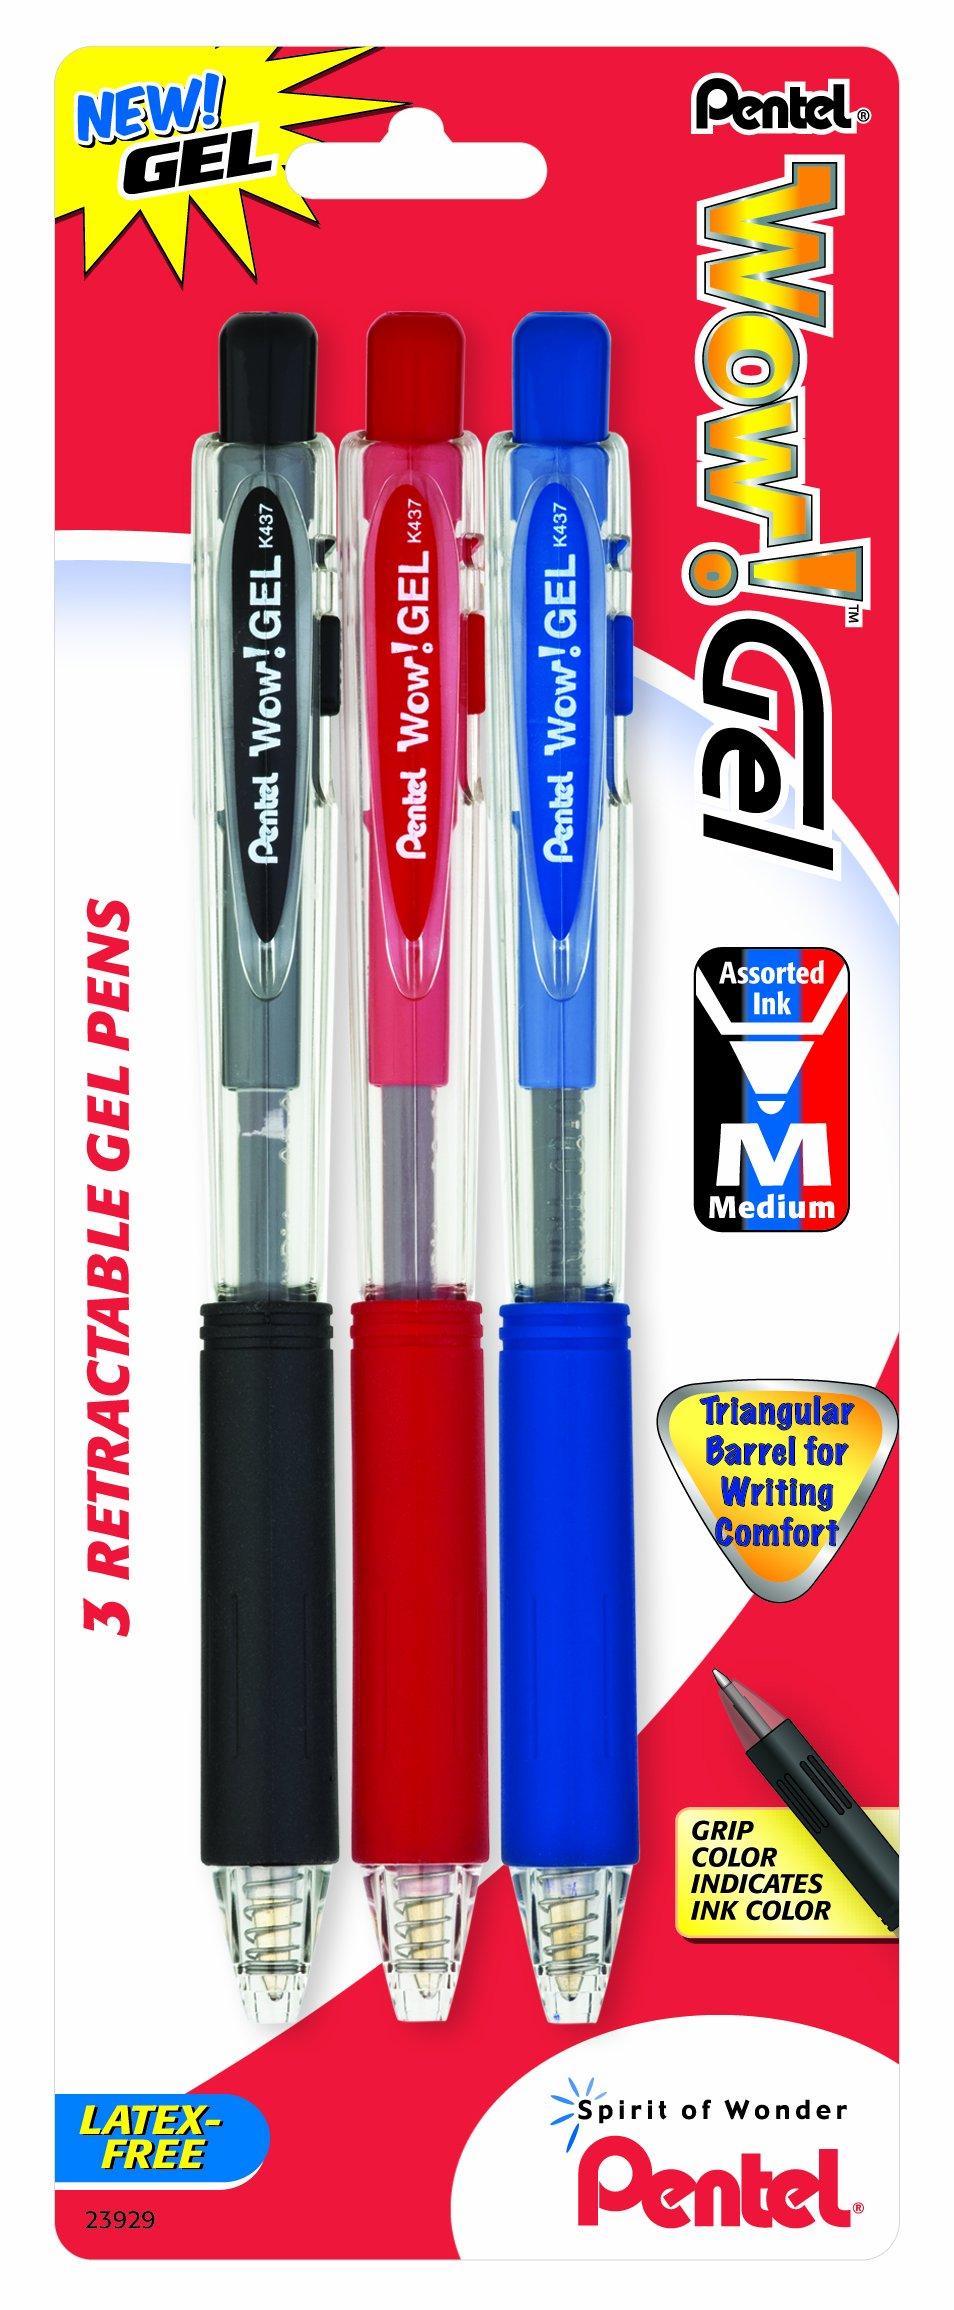 Pentel Wow! Gel Retractable Gel Pen, 0.7mm, Assorted Ink, 3.